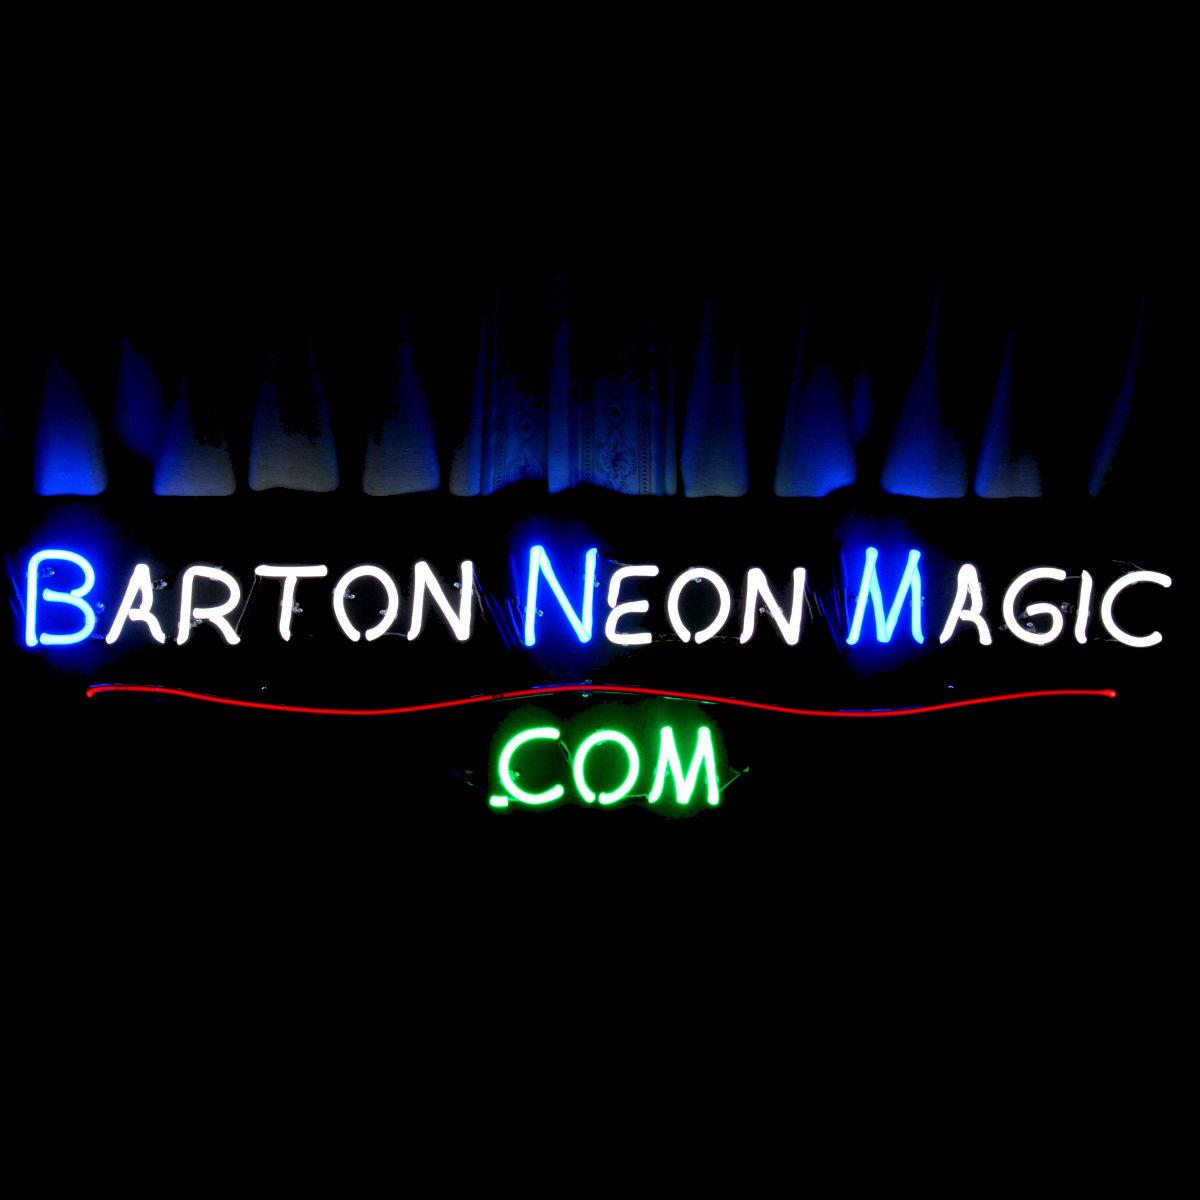 Custom Hand-blown Neon Signs, Neon Art, Neon Sculptures, and Neon Chandeliers by John Barton - BartonNeonMagic.com